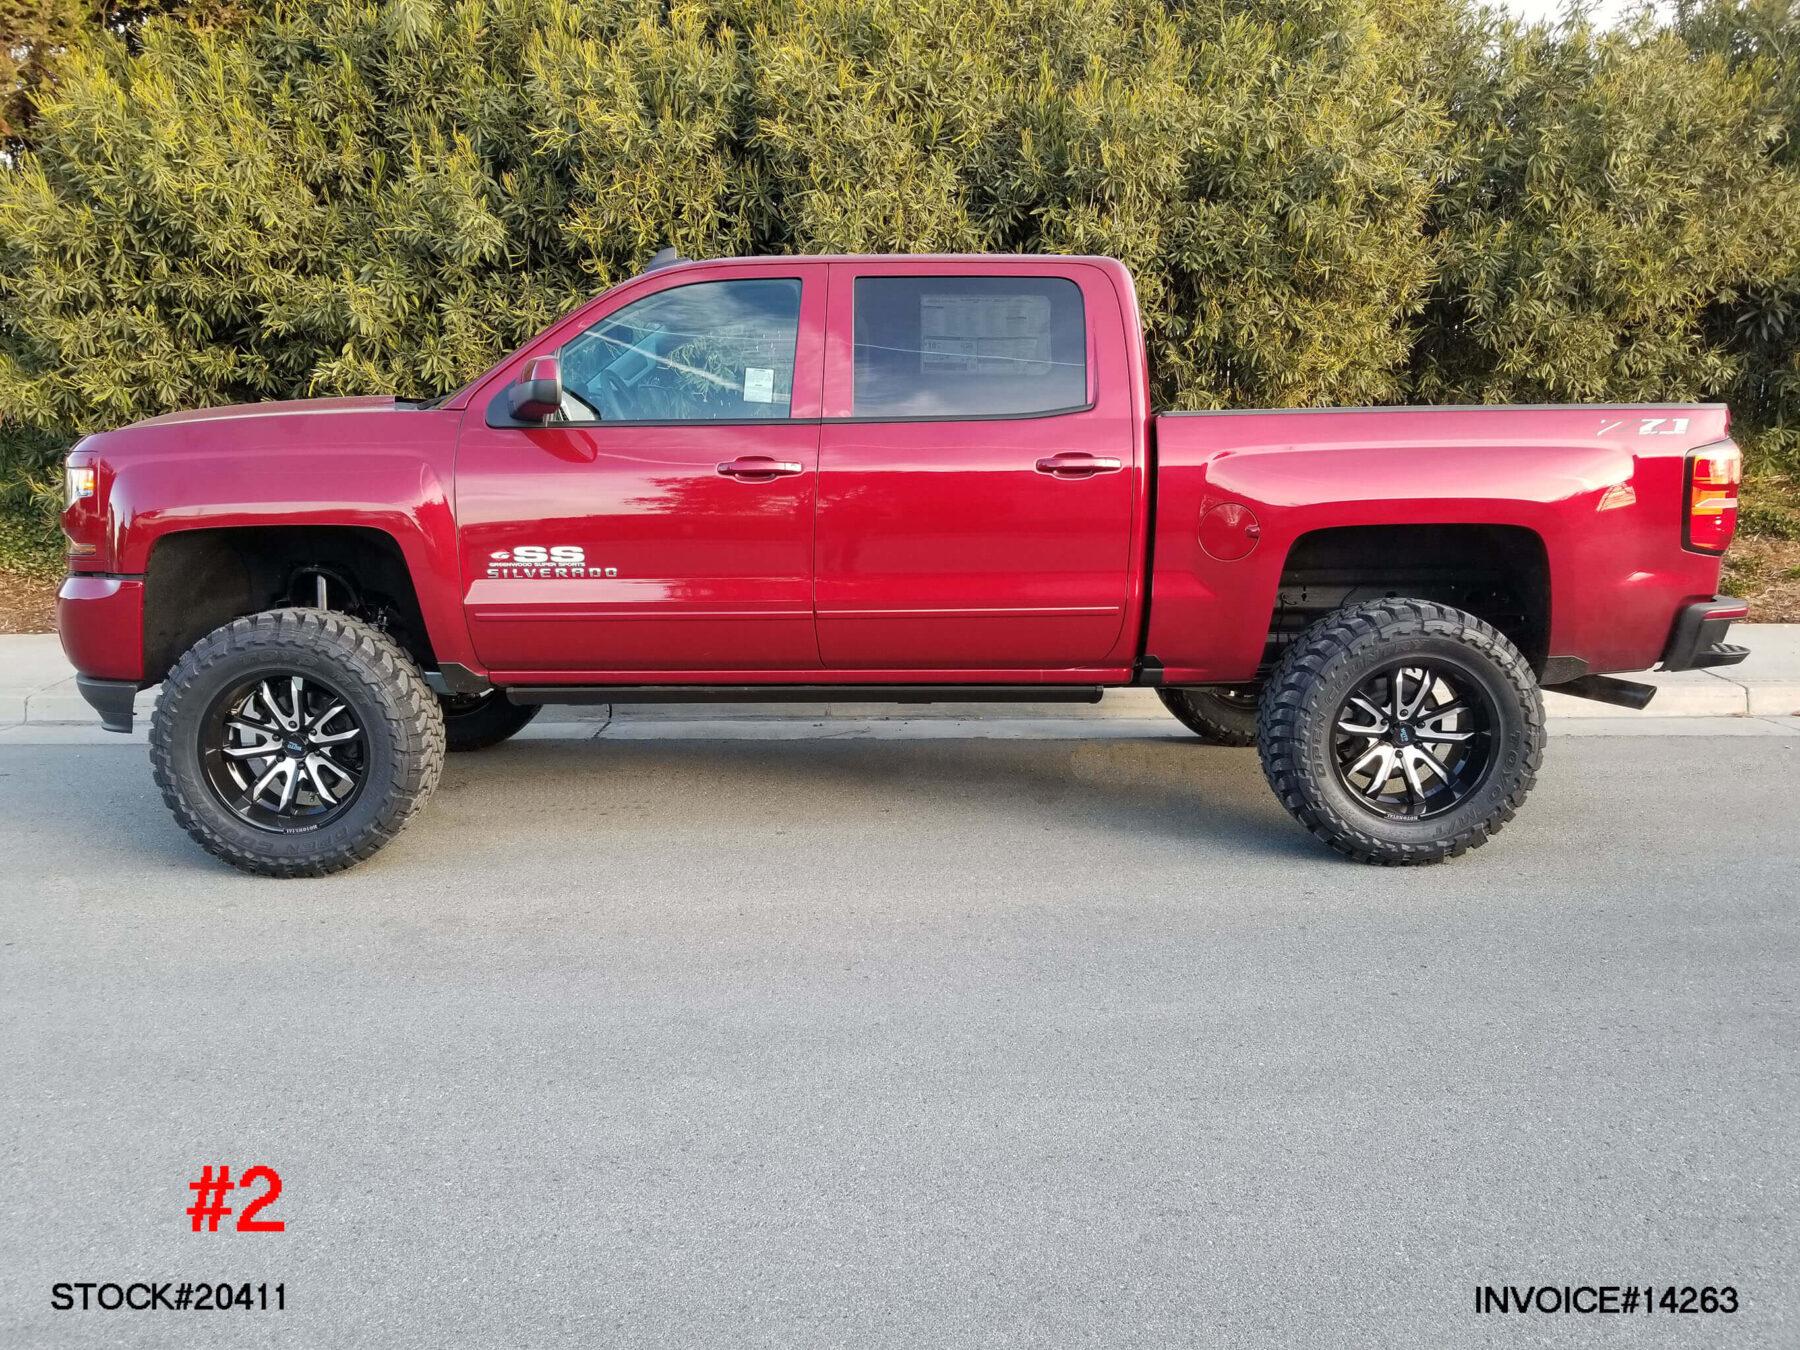 20411-2 CHEVY 1500 CREW CAB